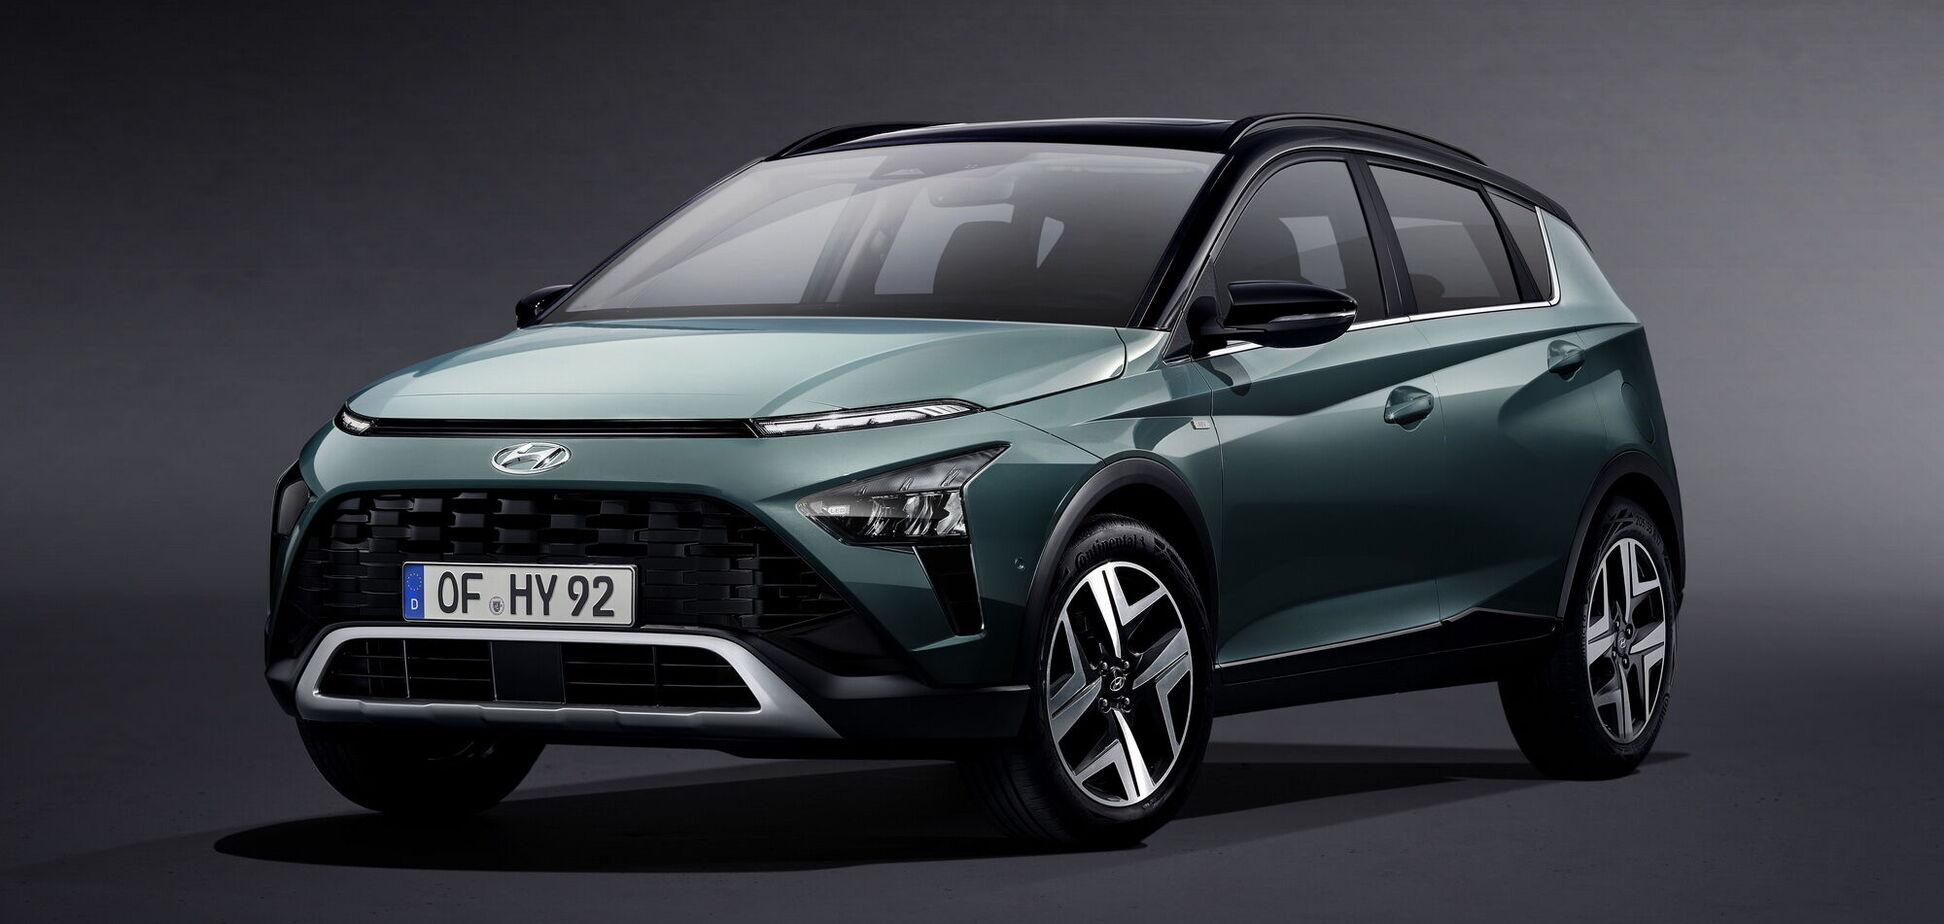 Hyundai офіційно презентував новий кросовер Bayon